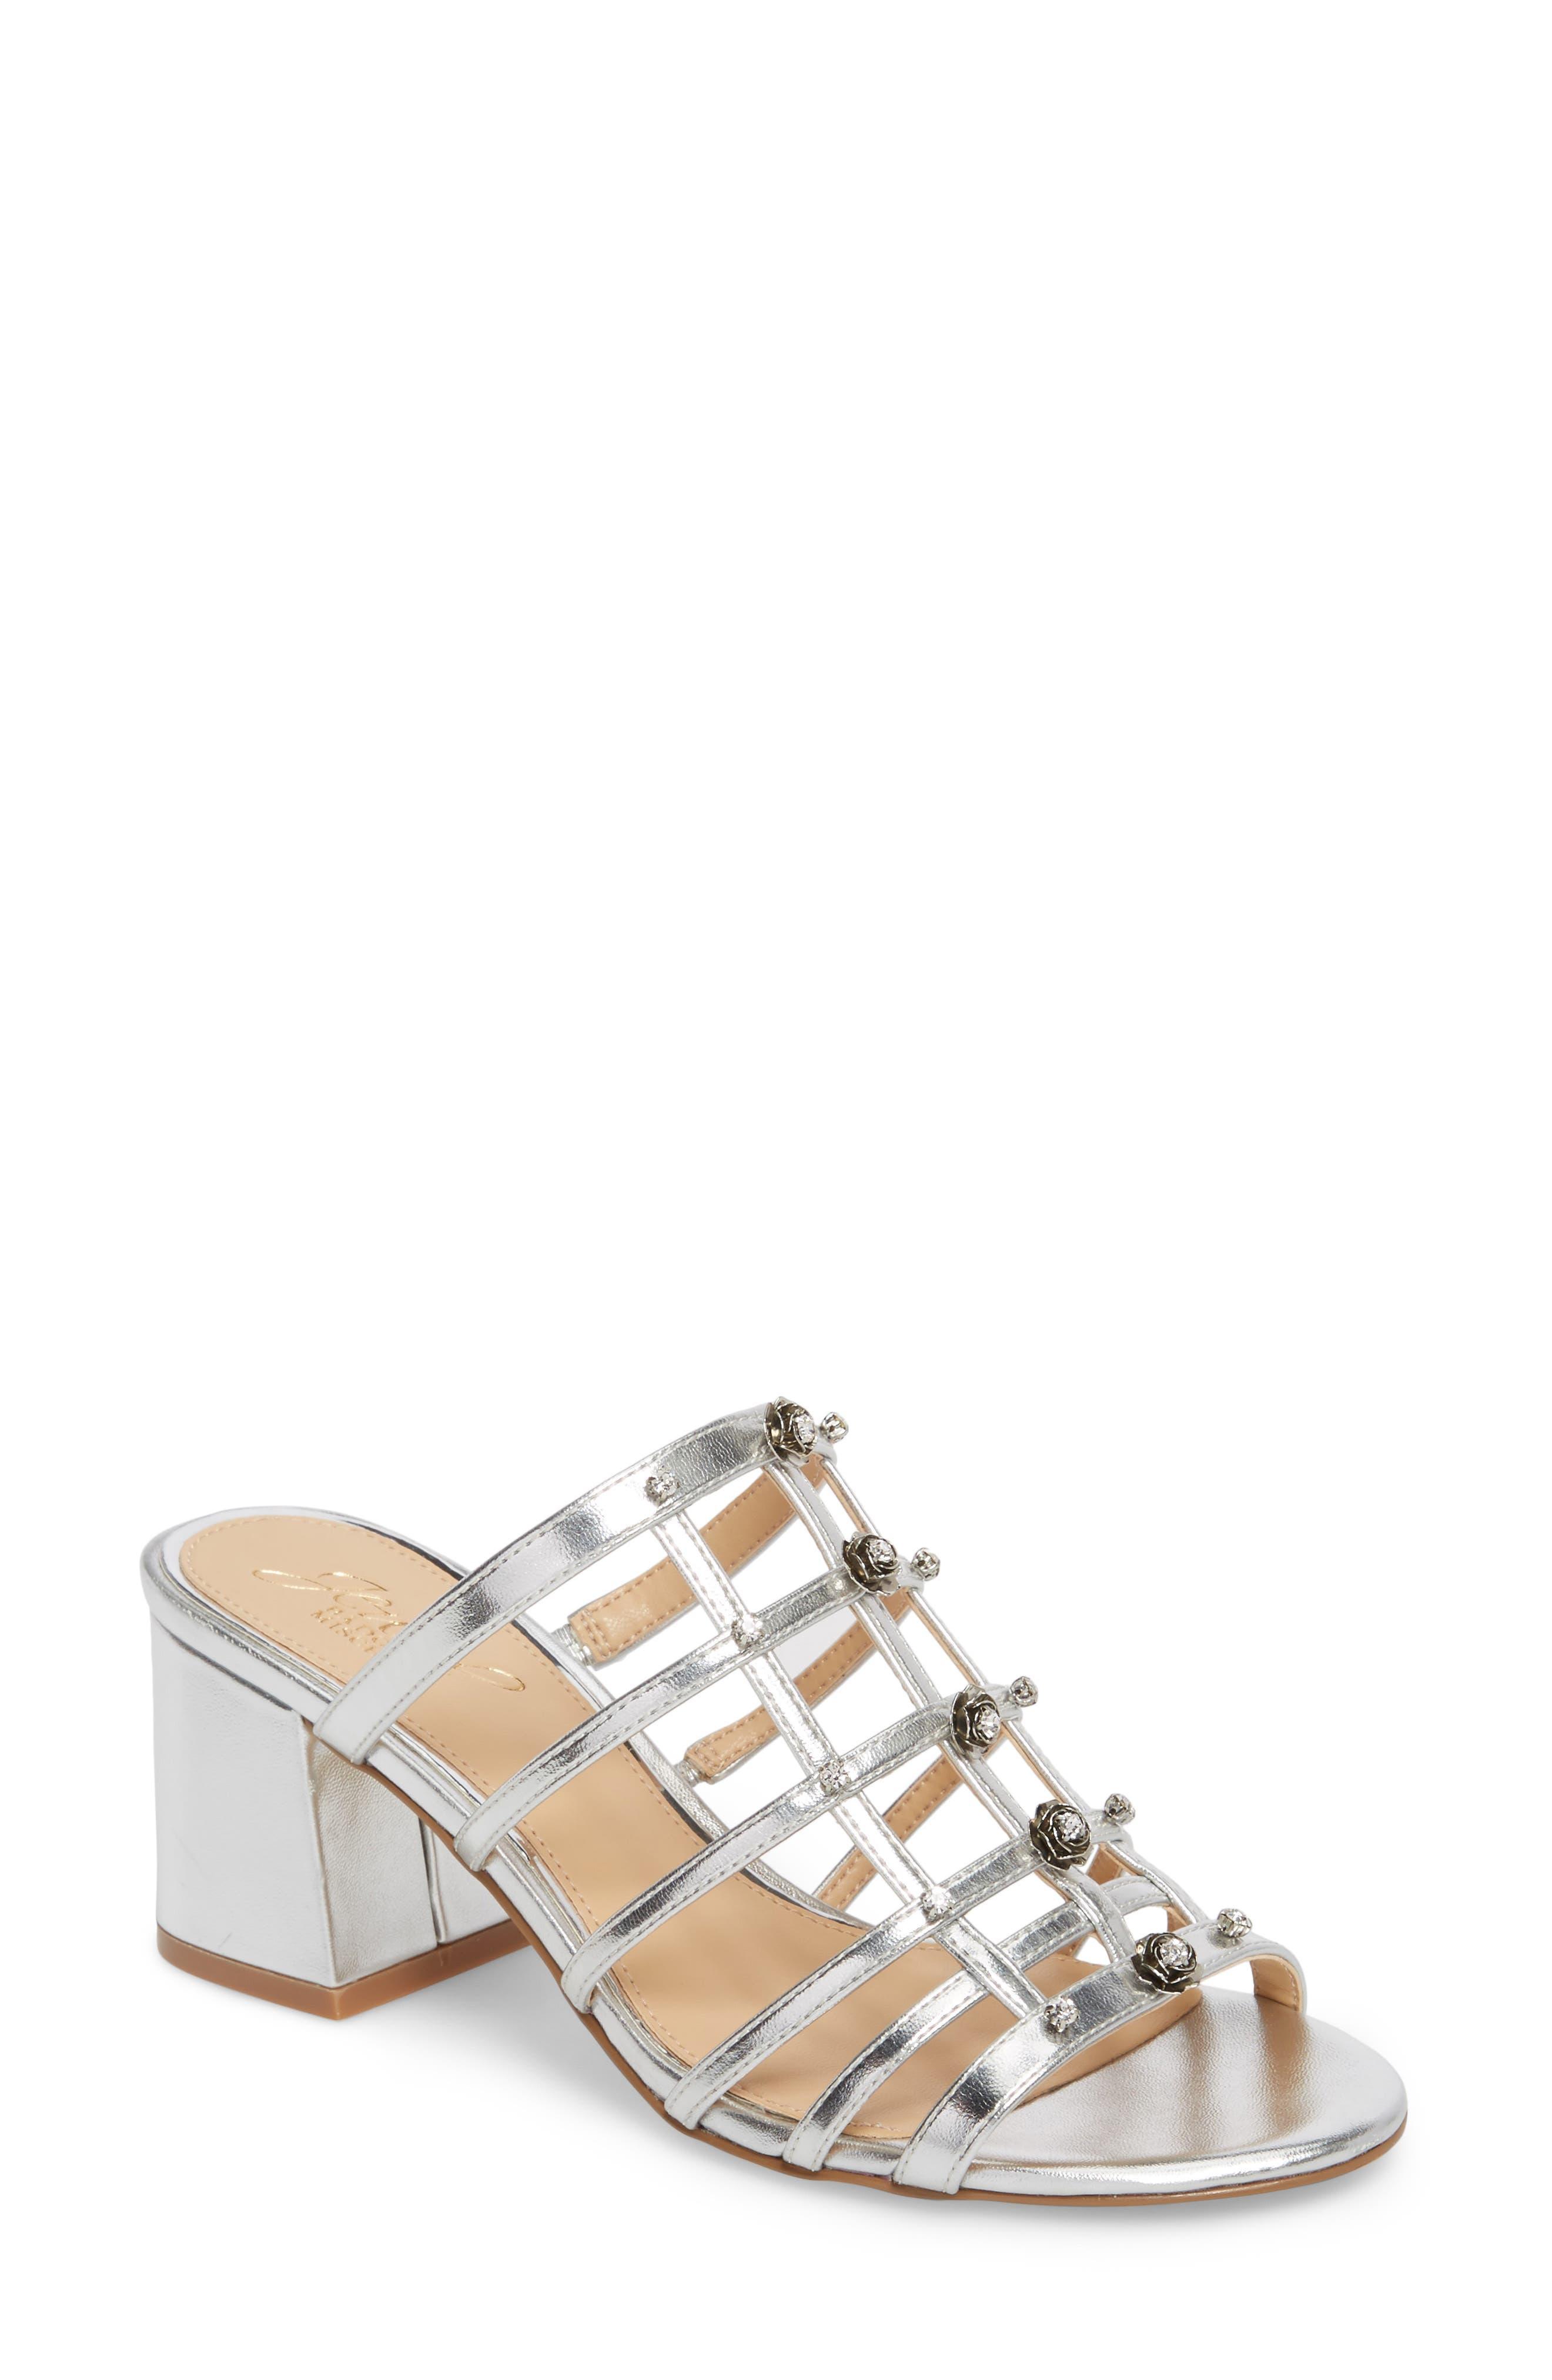 Alternate Image 1 Selected - Jewel Badgley Mischka Thorne Crystal Rose Embellished Slide Sandal (Women)